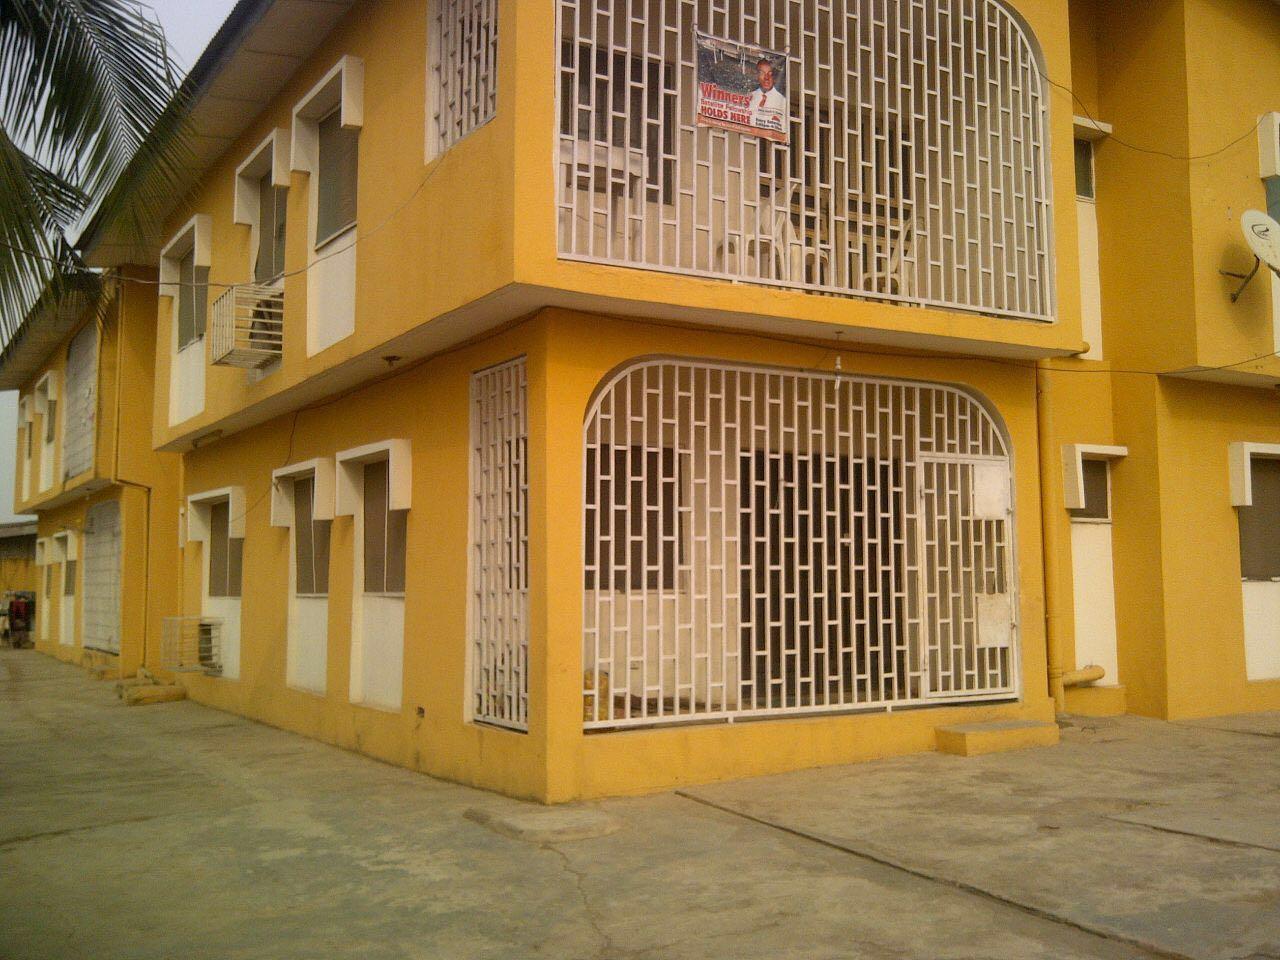 4 units of 3 bedroom flat